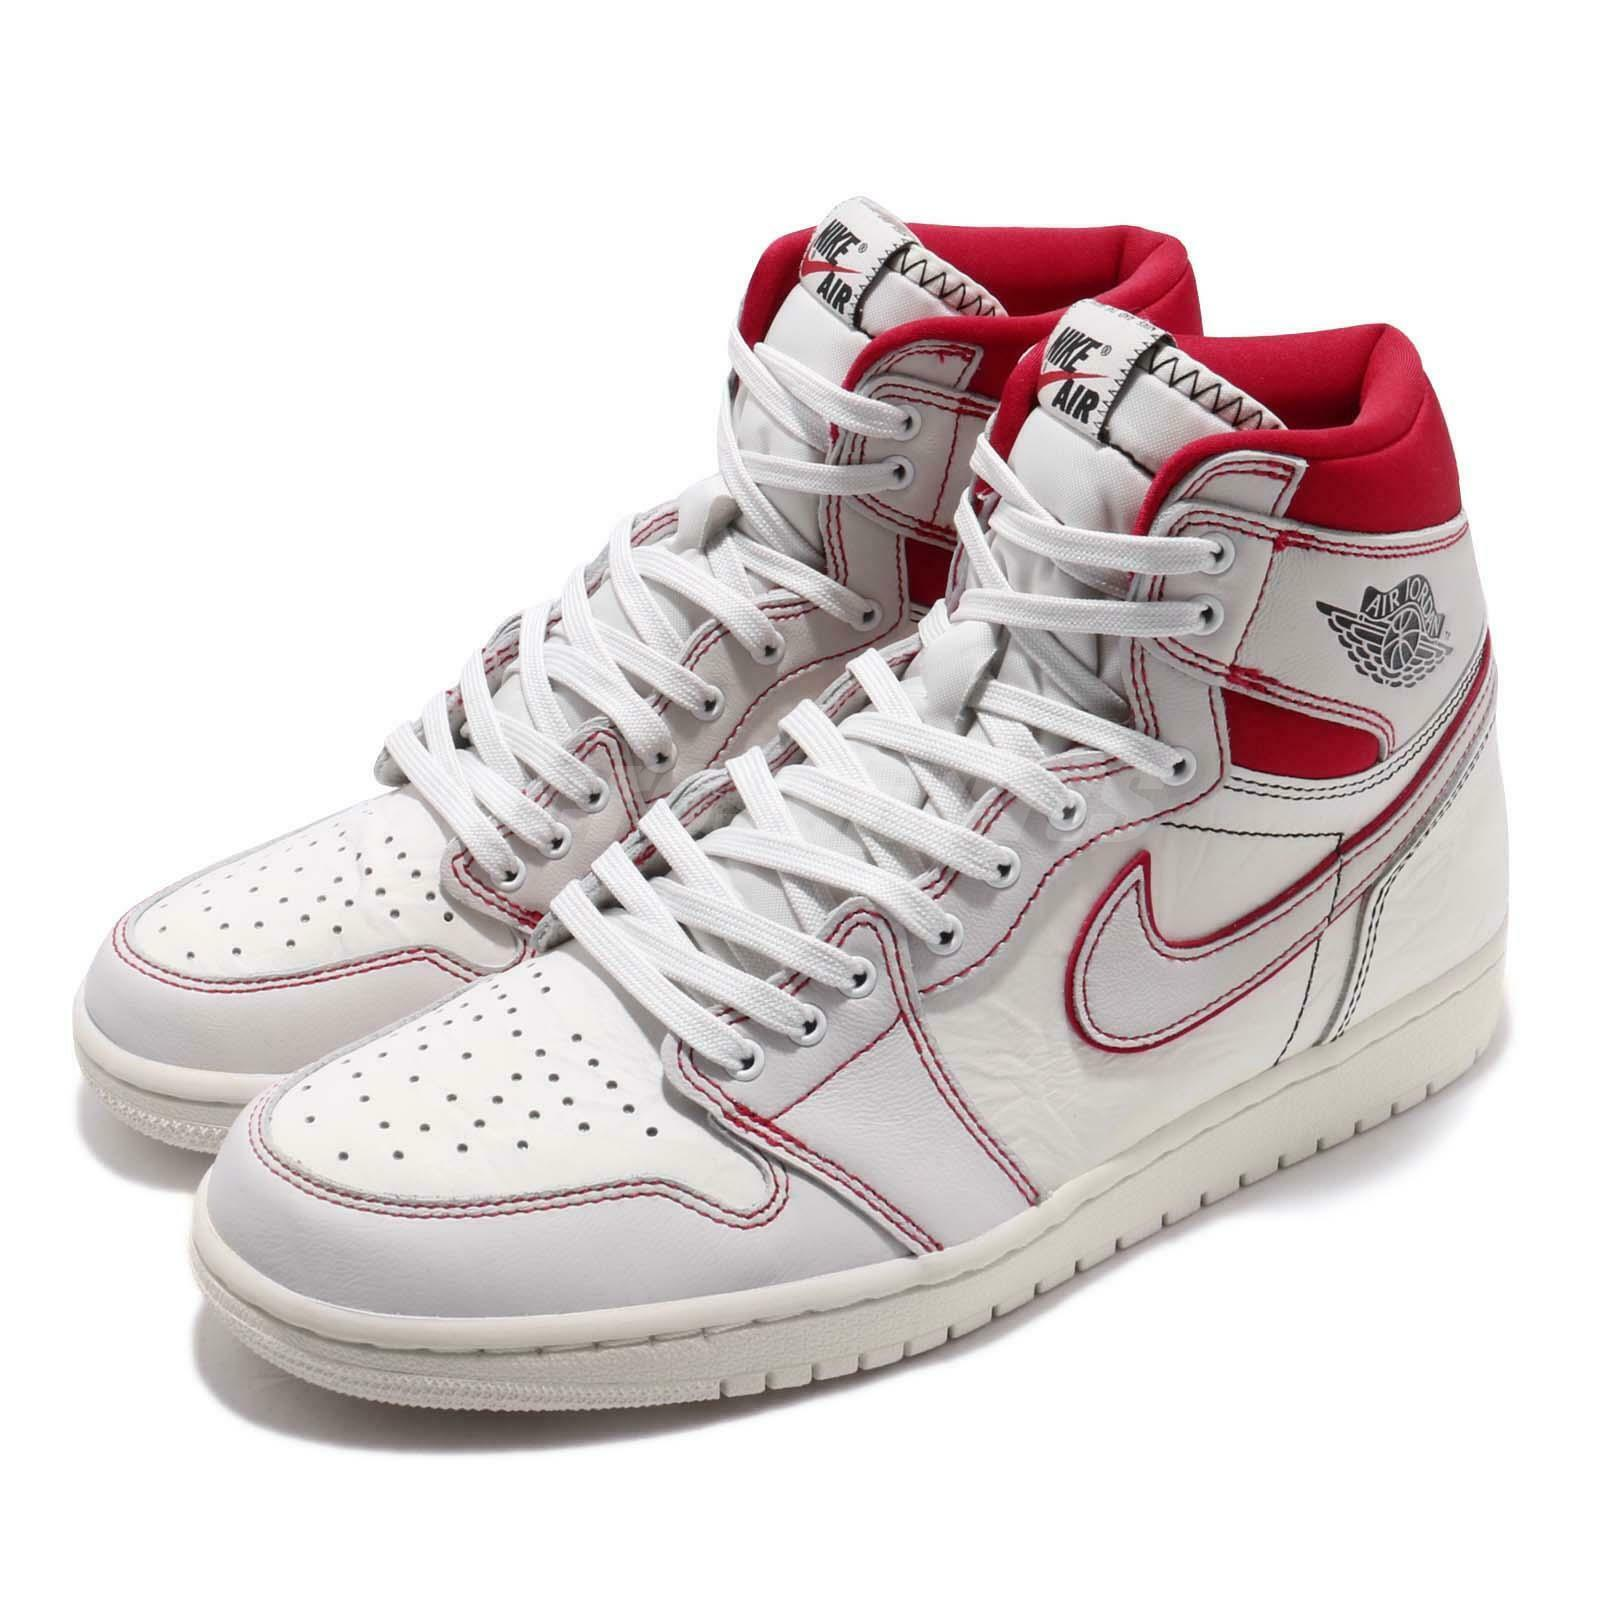 fbd06959634 Nike Air Jordan 1 Retro High OG Phantom Sail Red AJ1 Sneakers 555088 ...